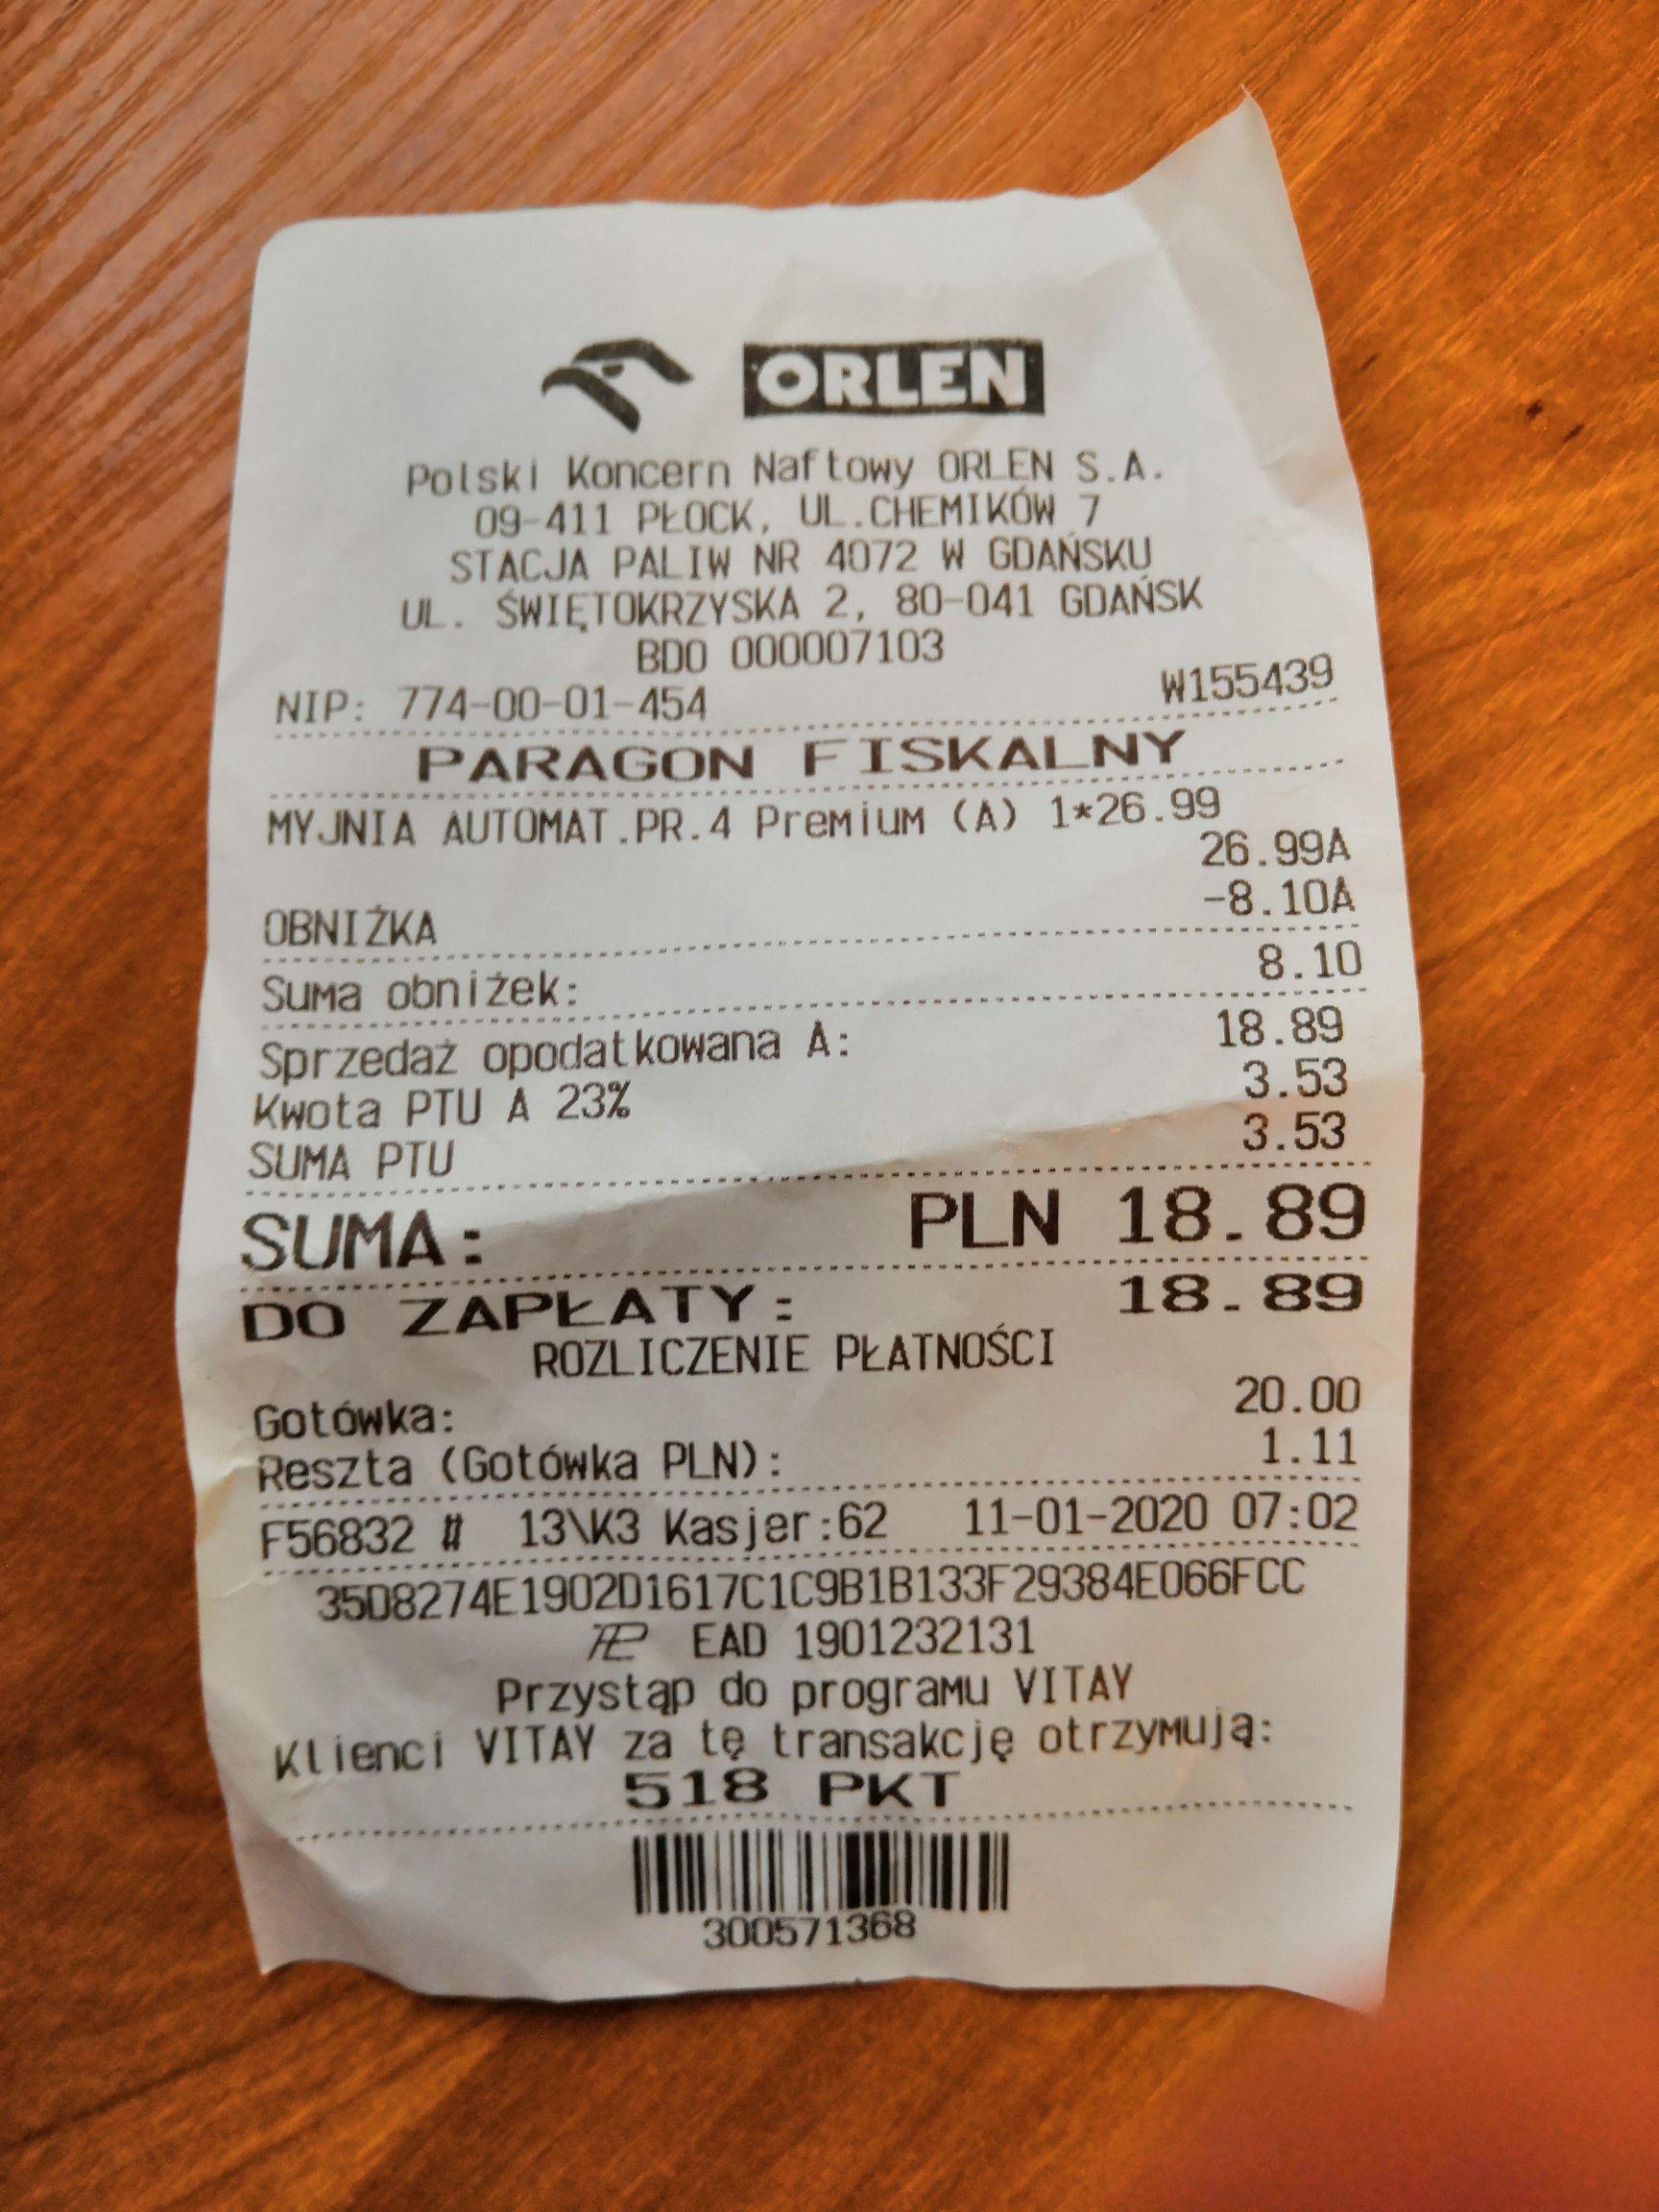 Myjnia Automatyczna Orlen -30% na program 4 i 5